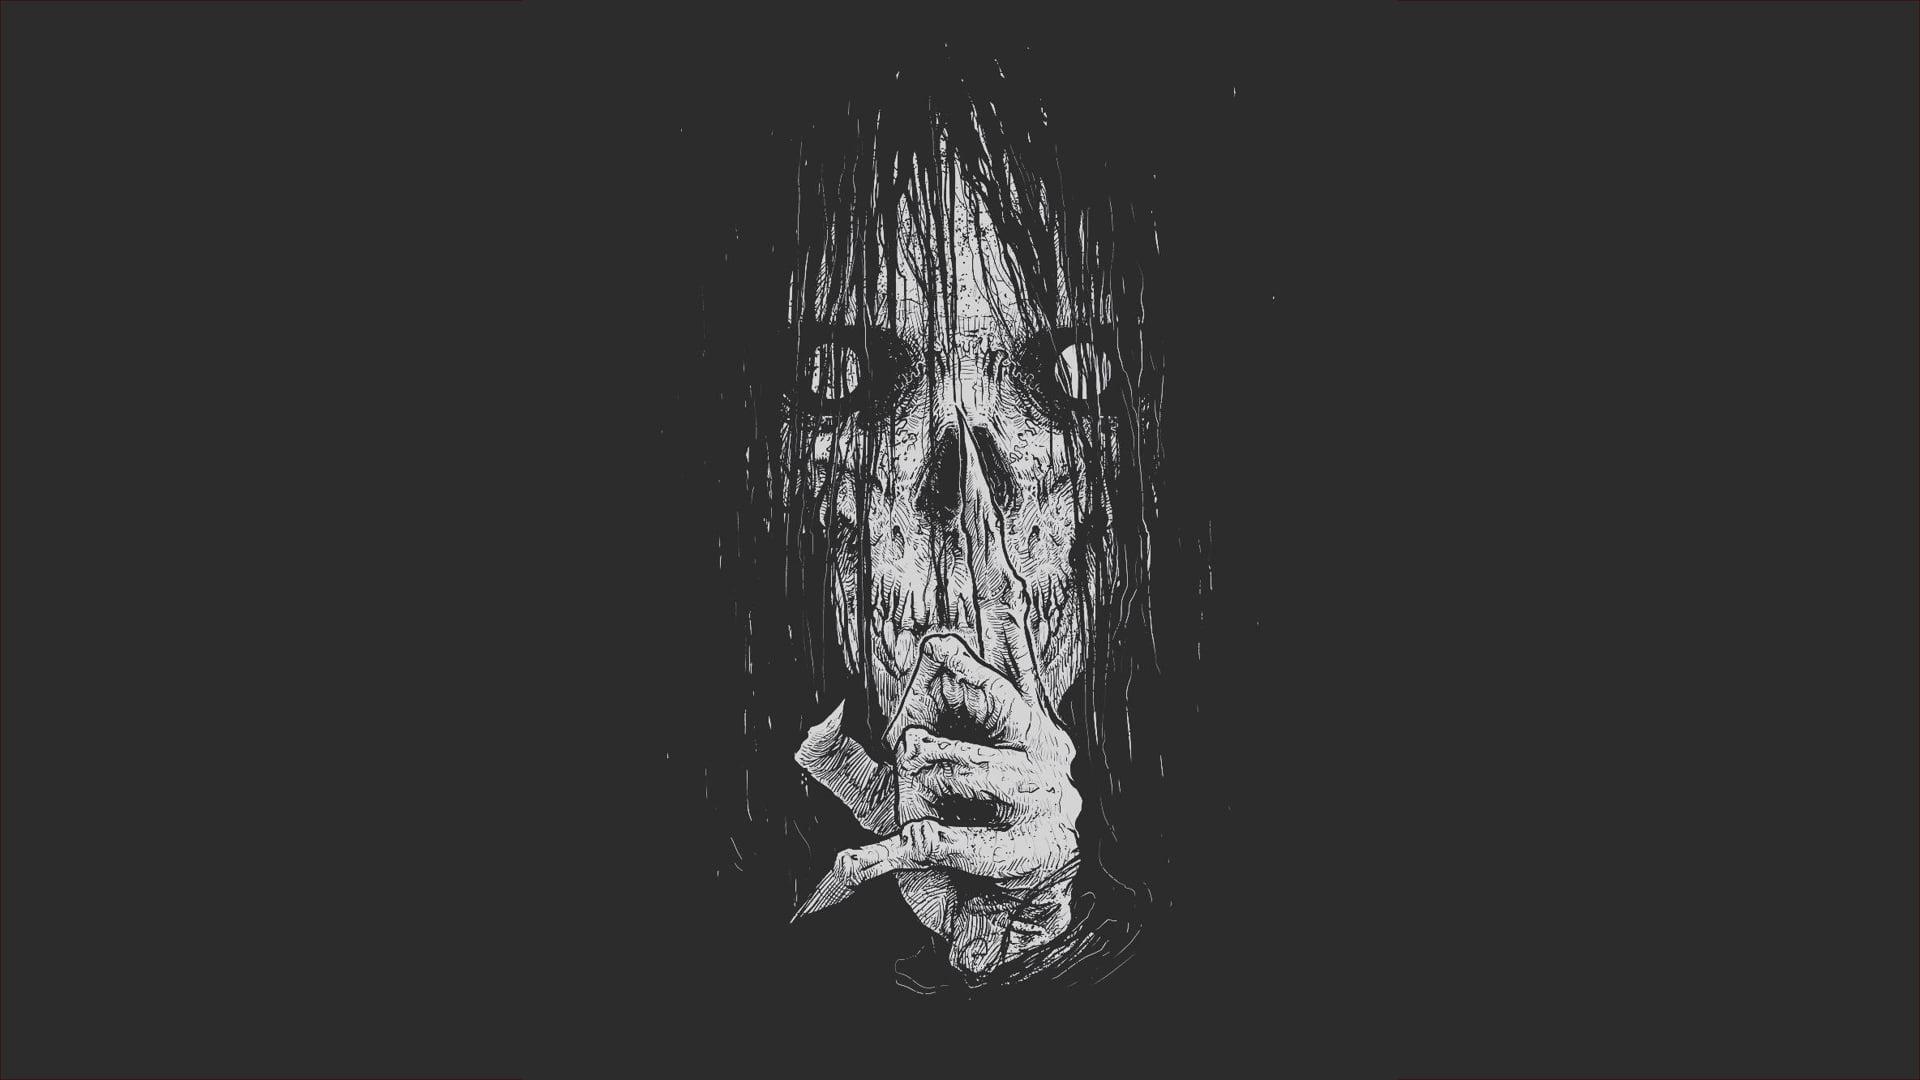 Hình nền kinh dị tối màu